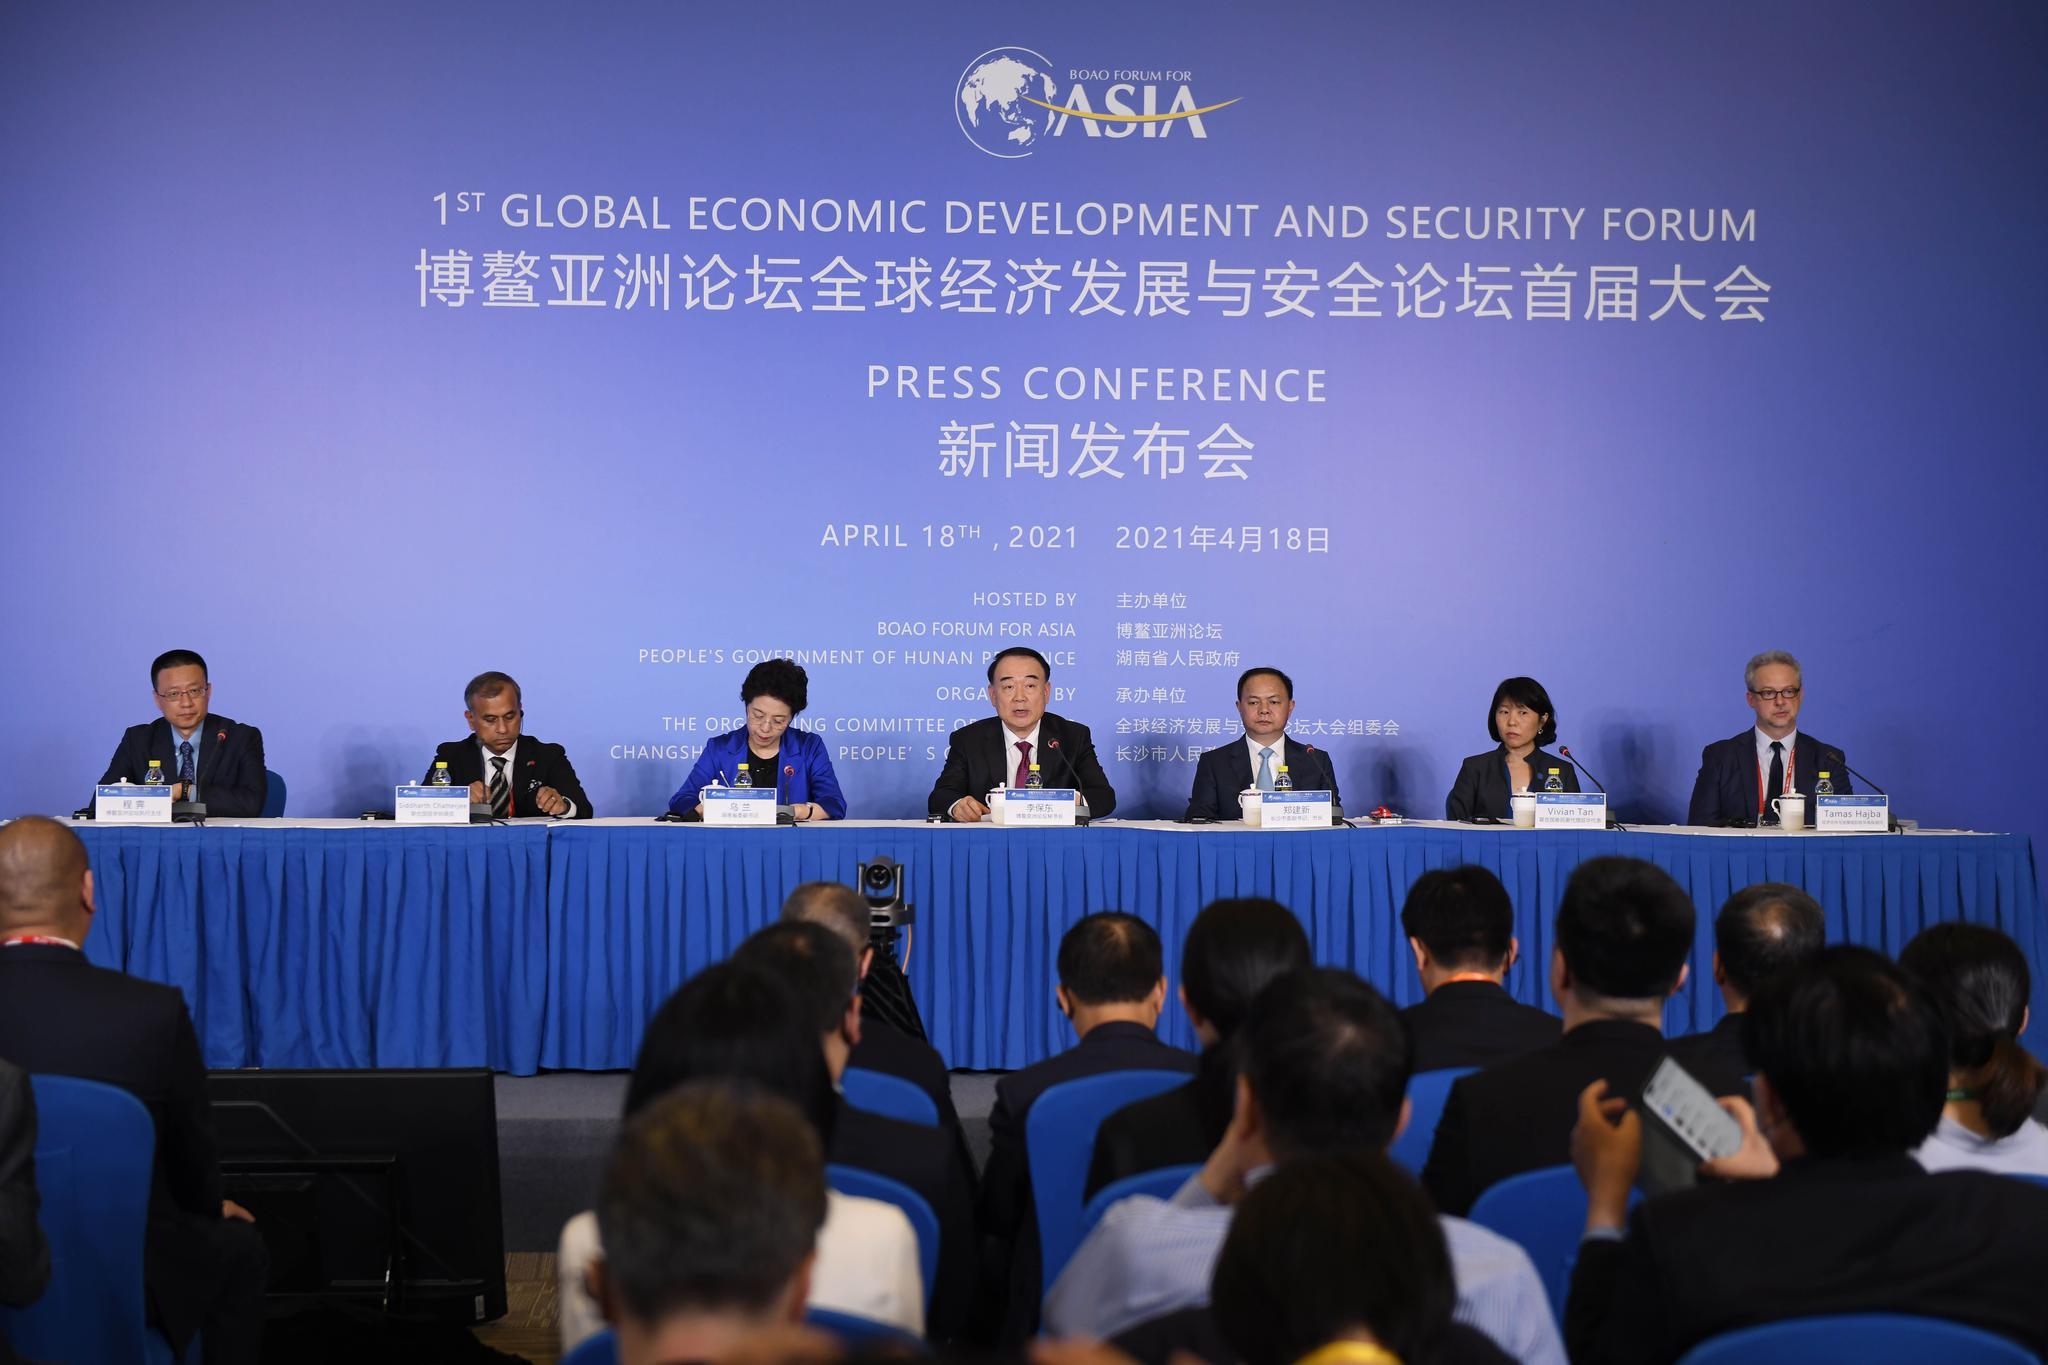 博鳌亚洲论坛全球经济发展与安全论坛首届大会10月在长沙举行    李保东乌兰郑建新出席大会新闻发布会